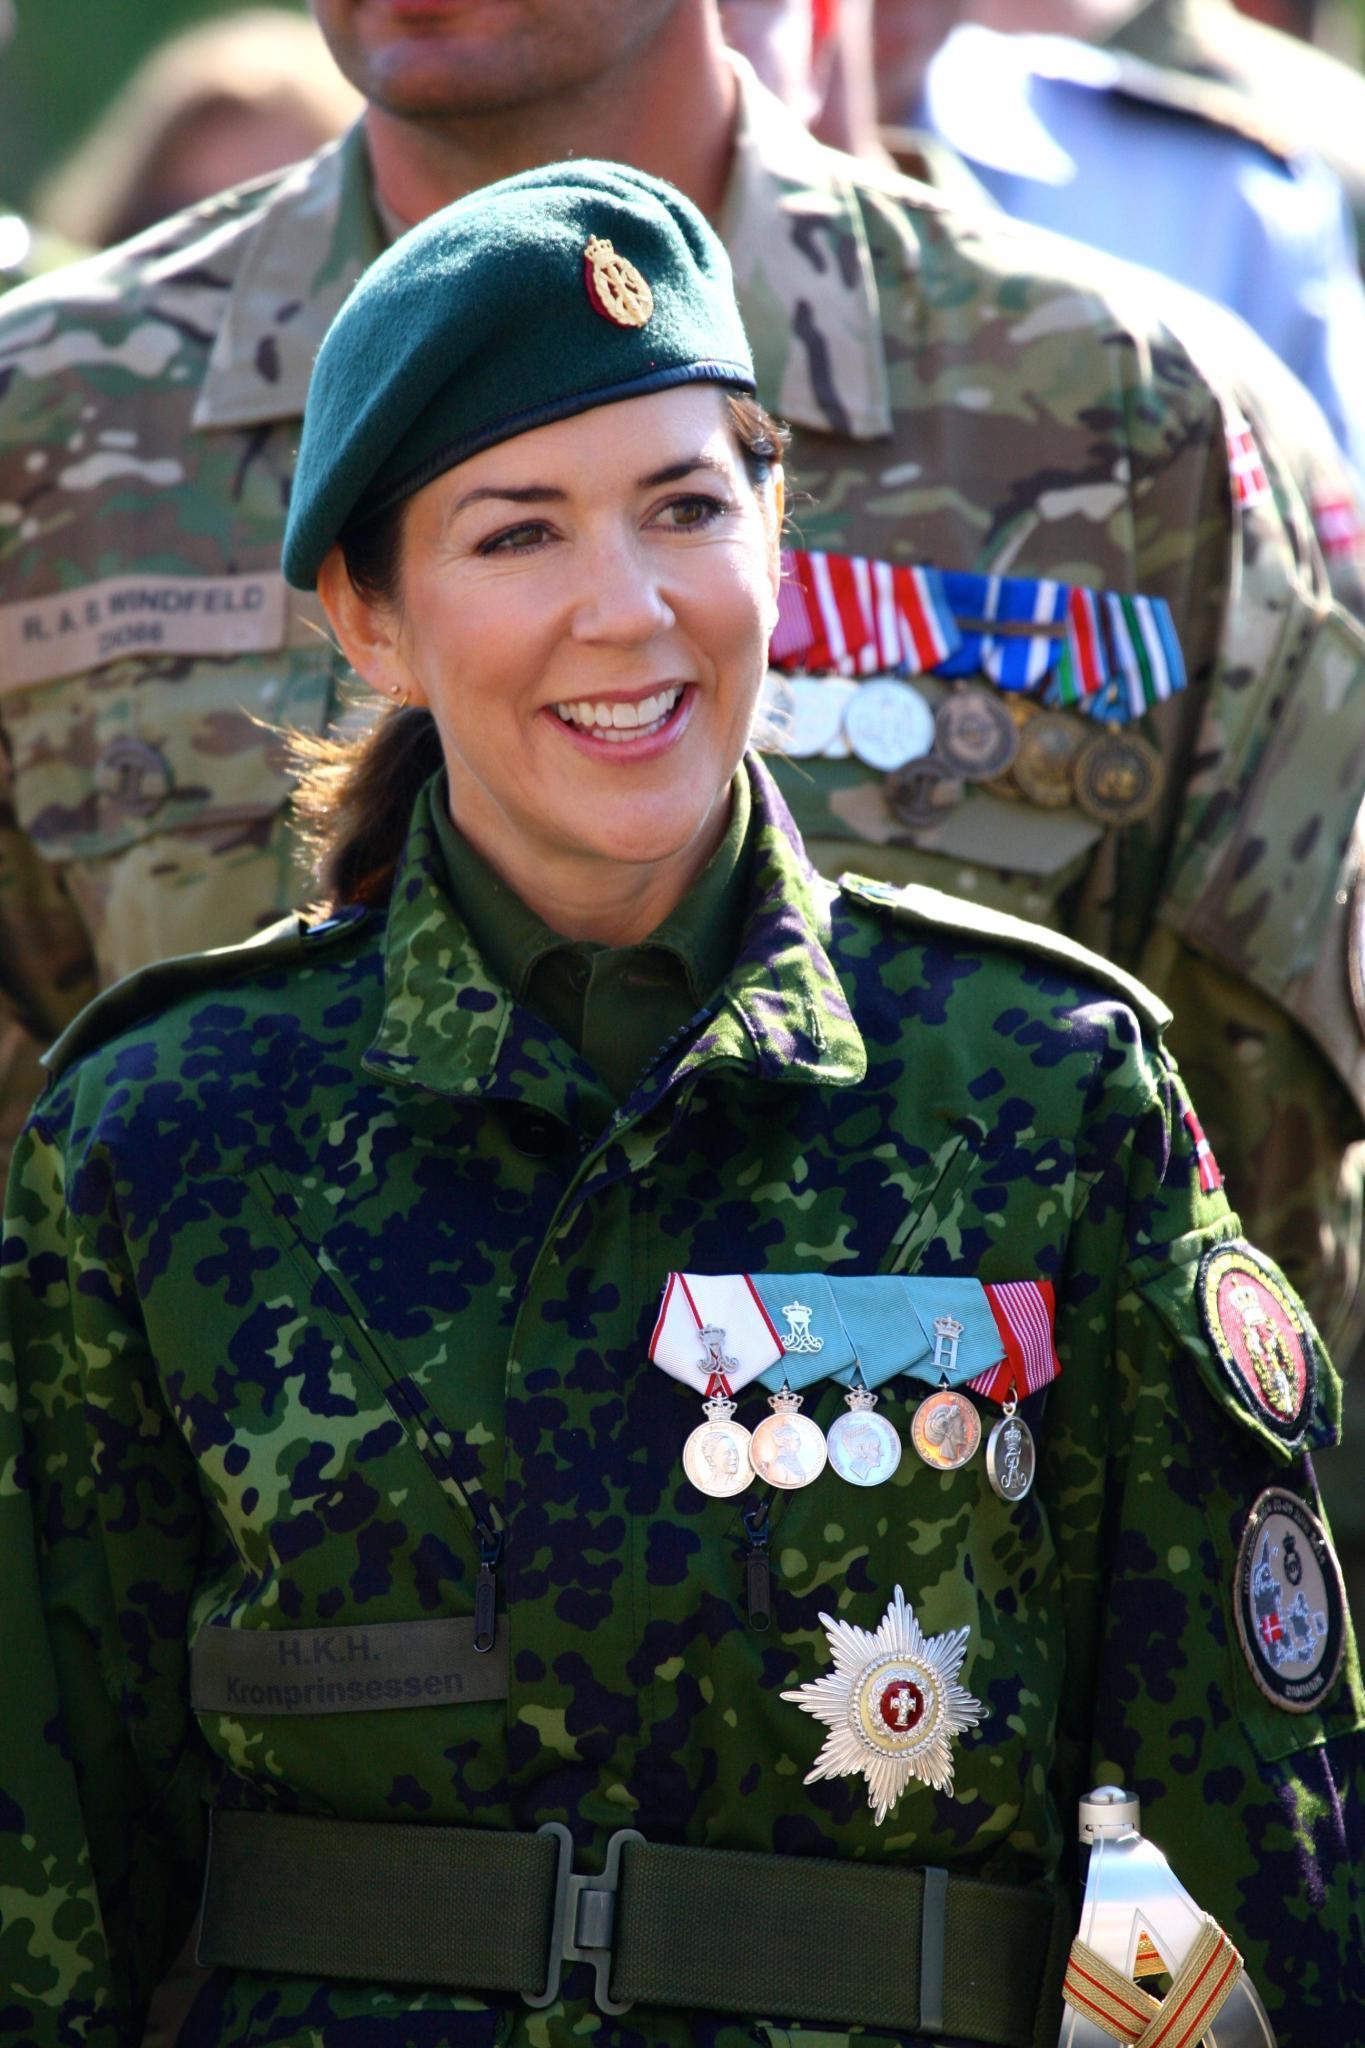 Kronprinzessin Mary absolvierte freiwillig eine militiärische Grundausbildung und ist heute Leutnant der Heimwehr.